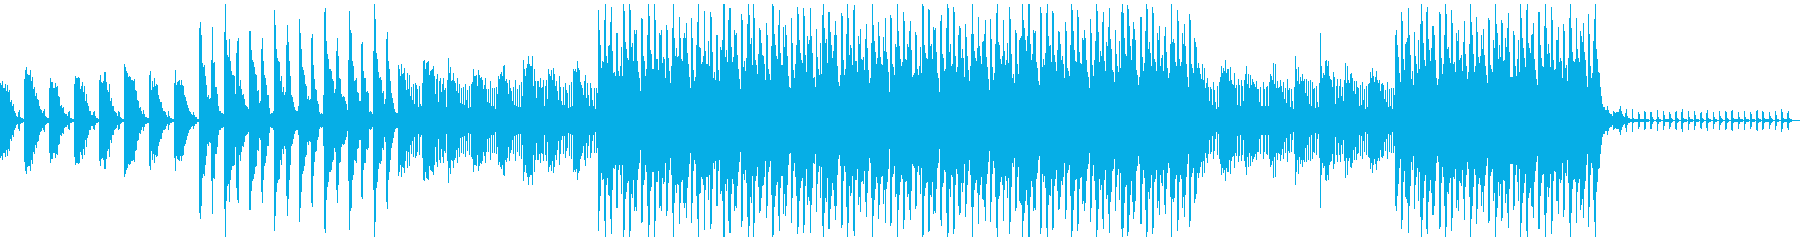 神秘的 ファンタジー 壮大の再生済みの波形